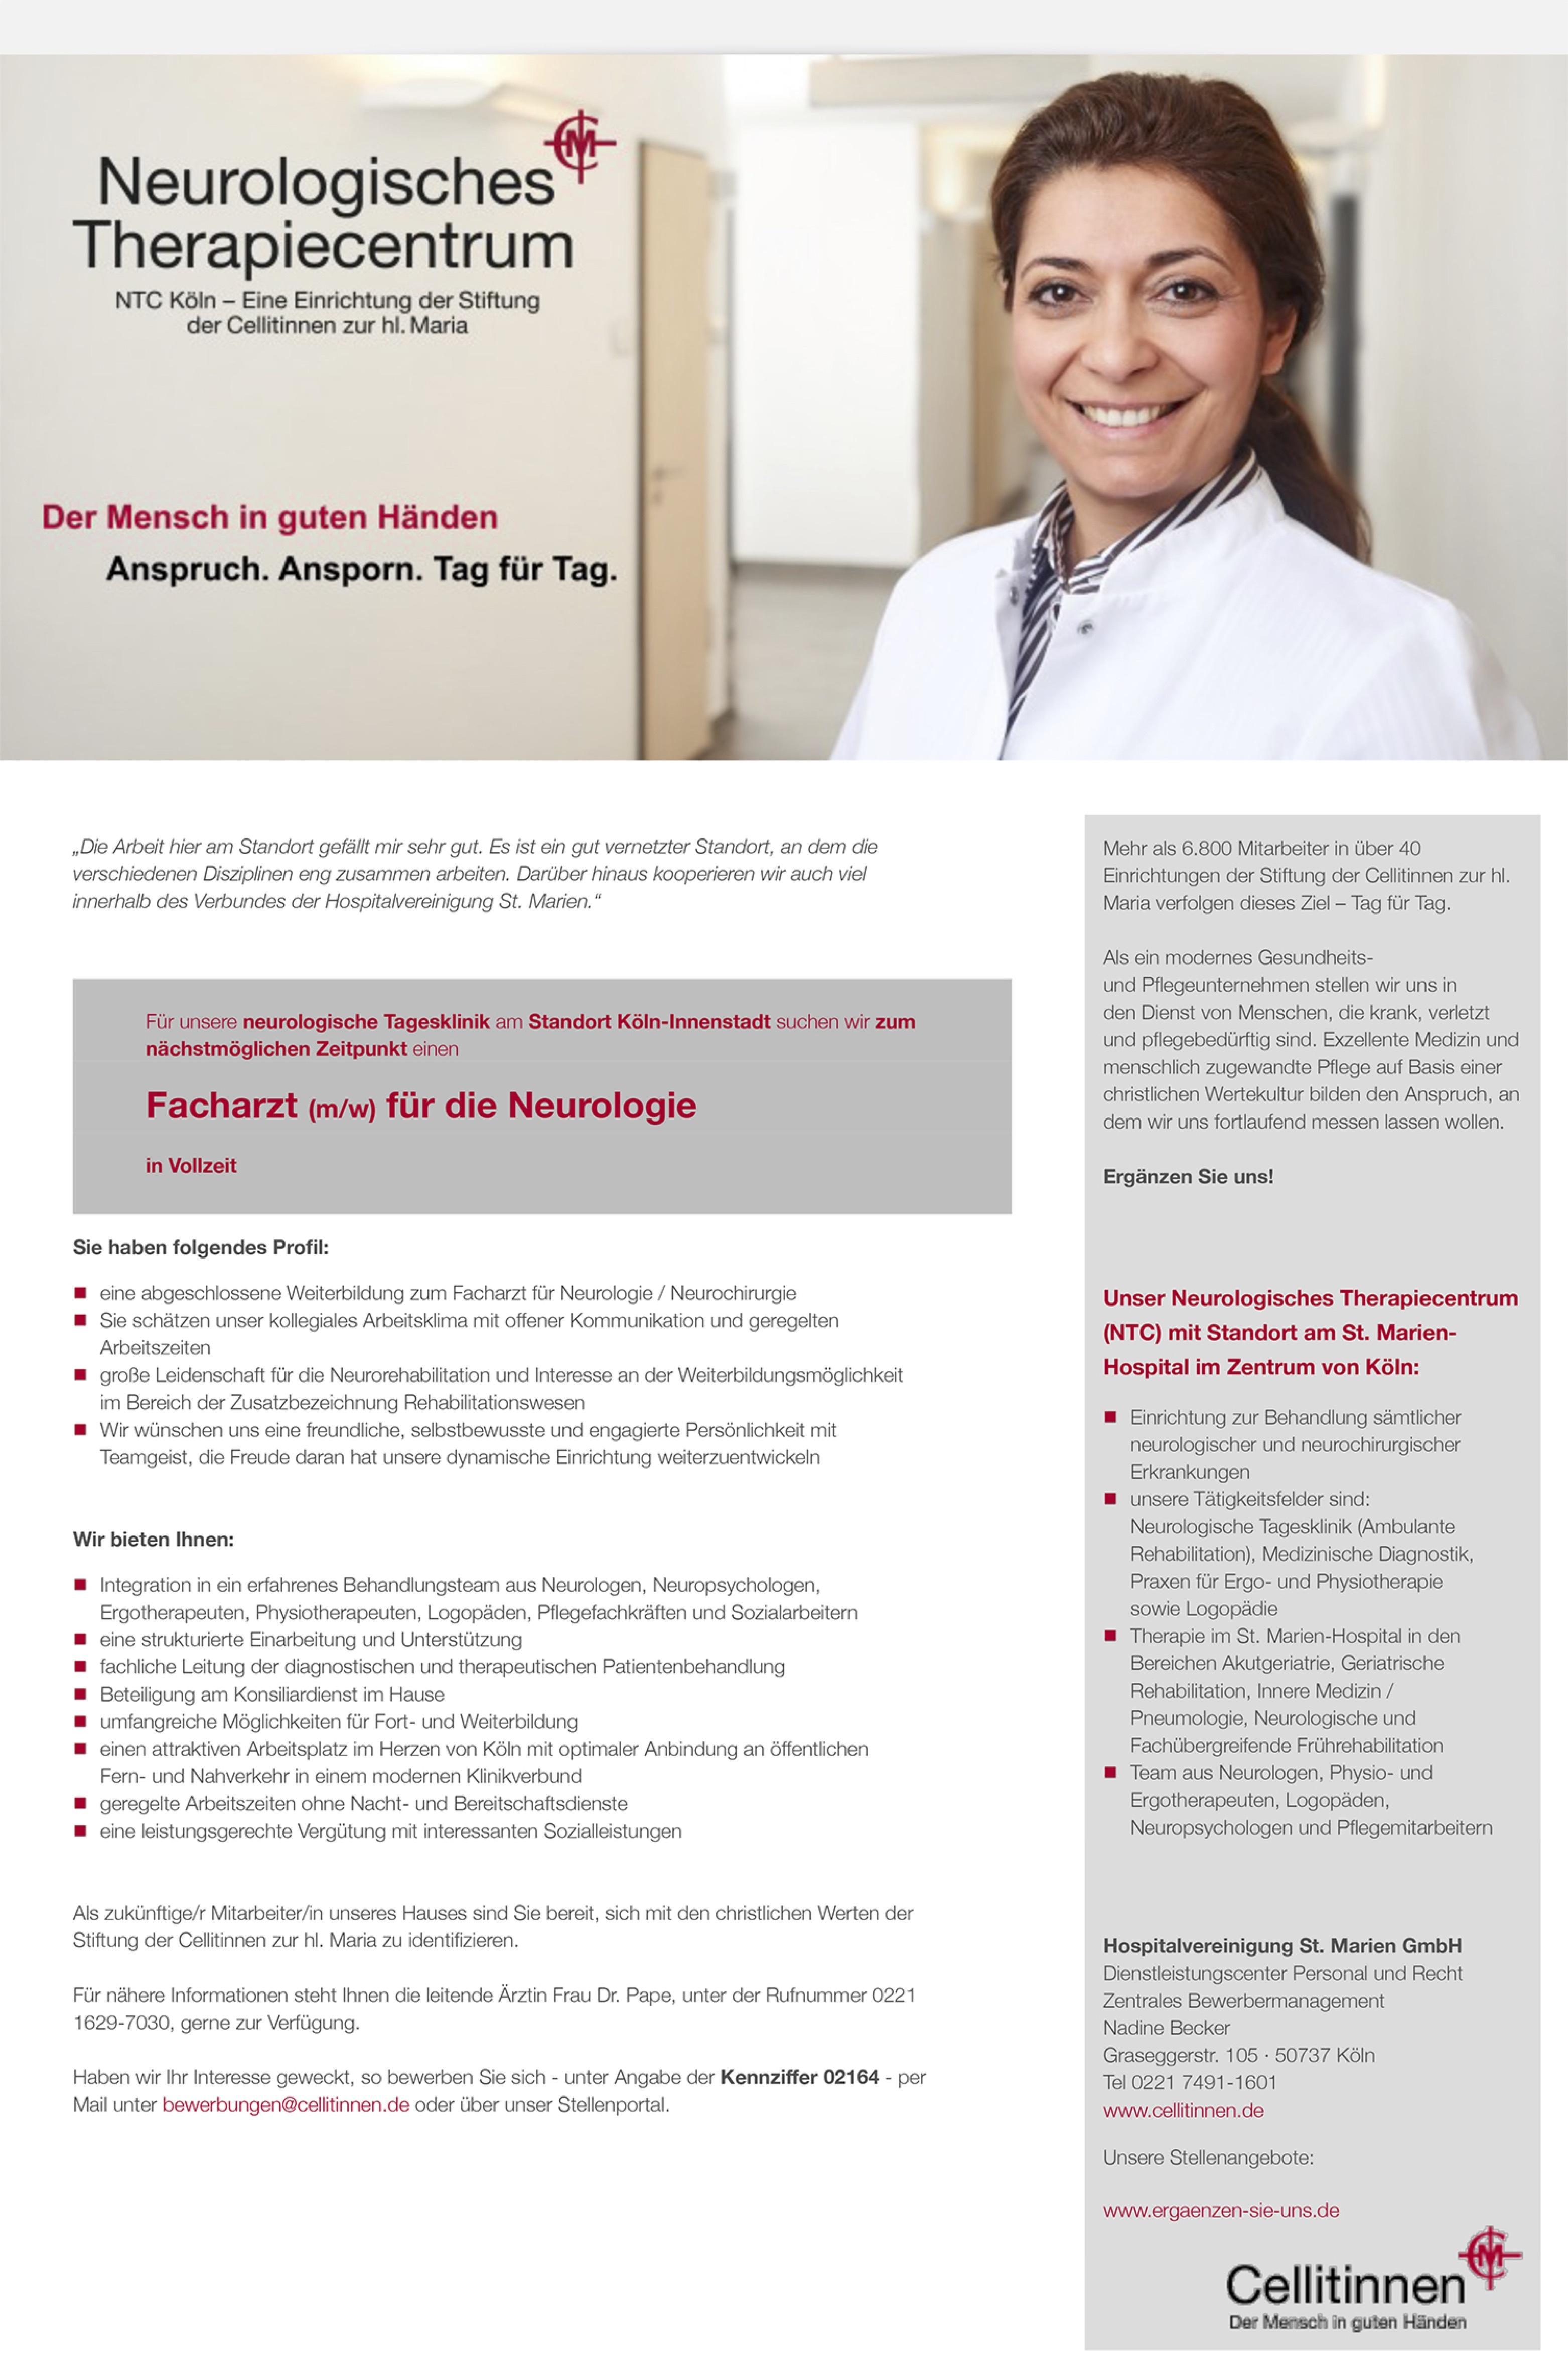 Facharzt (m/w) für die Neurologie